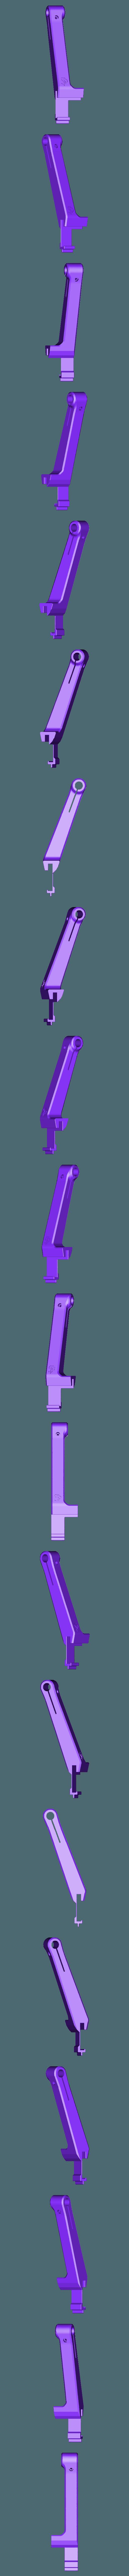 spool holder 12mm.stl Télécharger fichier STL gratuit Porte-bobine polyvalent pour Prusa MK2/3 (et cadres d'extrusion 2020)) • Design imprimable en 3D, Stamos